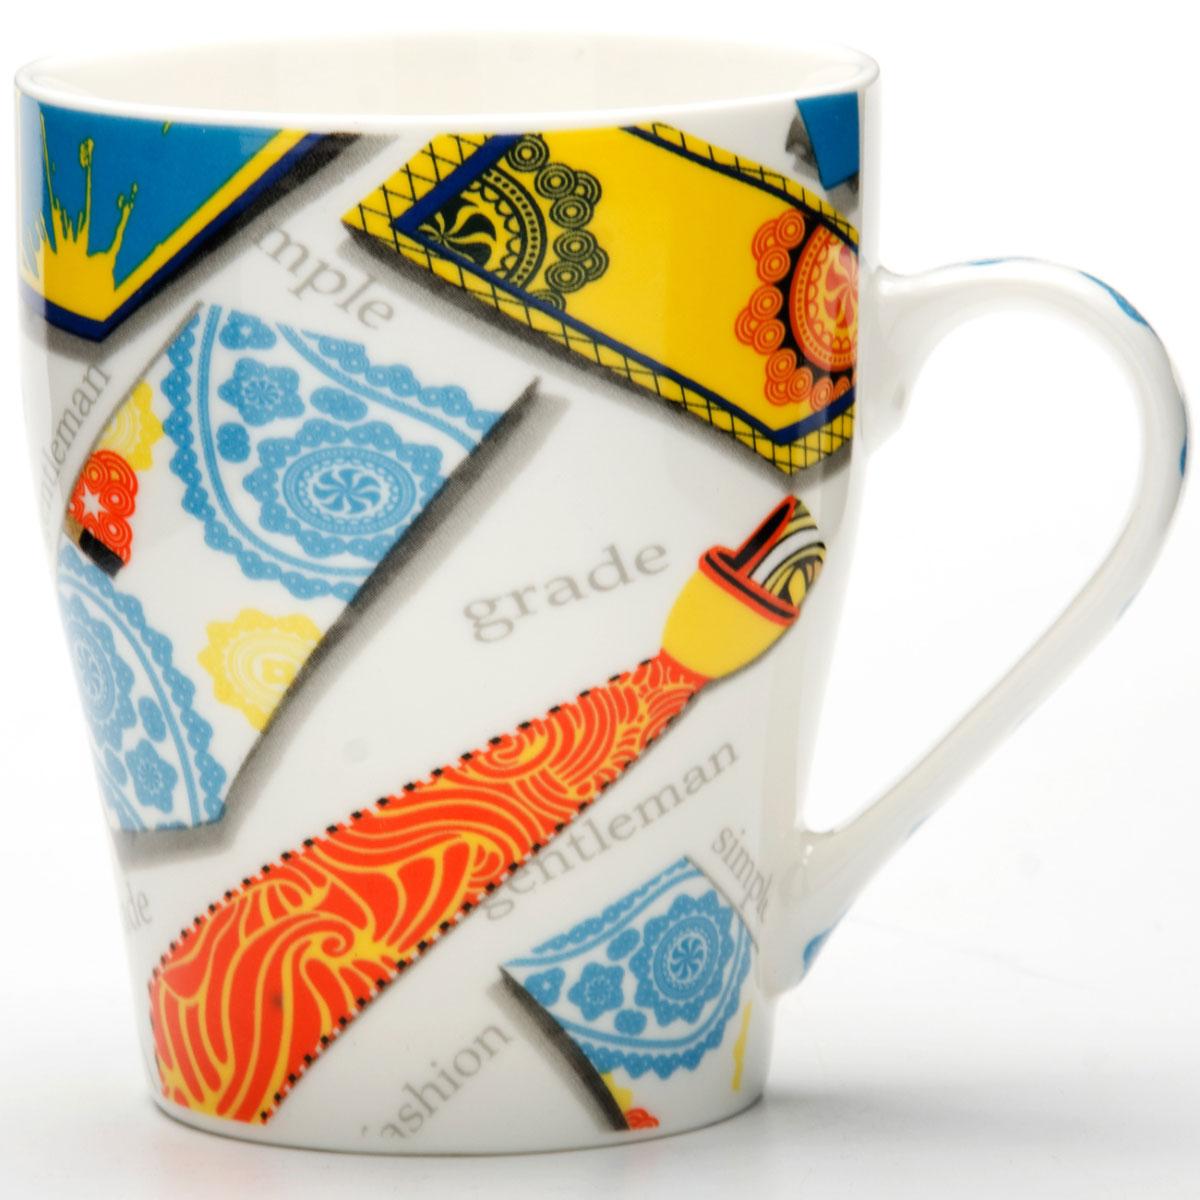 Кружка Loraine Галстук, цвет: оранжевый, 340 мл24461Кружка изготовлена из высококачественного костяного фарфора и оформлены стильным рисунком ГАЛСТУК. Изящный дизайн придется по вкусу и ценителям классики, и тем, кто предпочитает утонченность и изысканность. Она настроит на позитивный лад и подарит хорошее настроение с самого утра. Кружка LORAINE - идеальный и необходимый подарок для вашего дома и для ваших друзей в праздники.